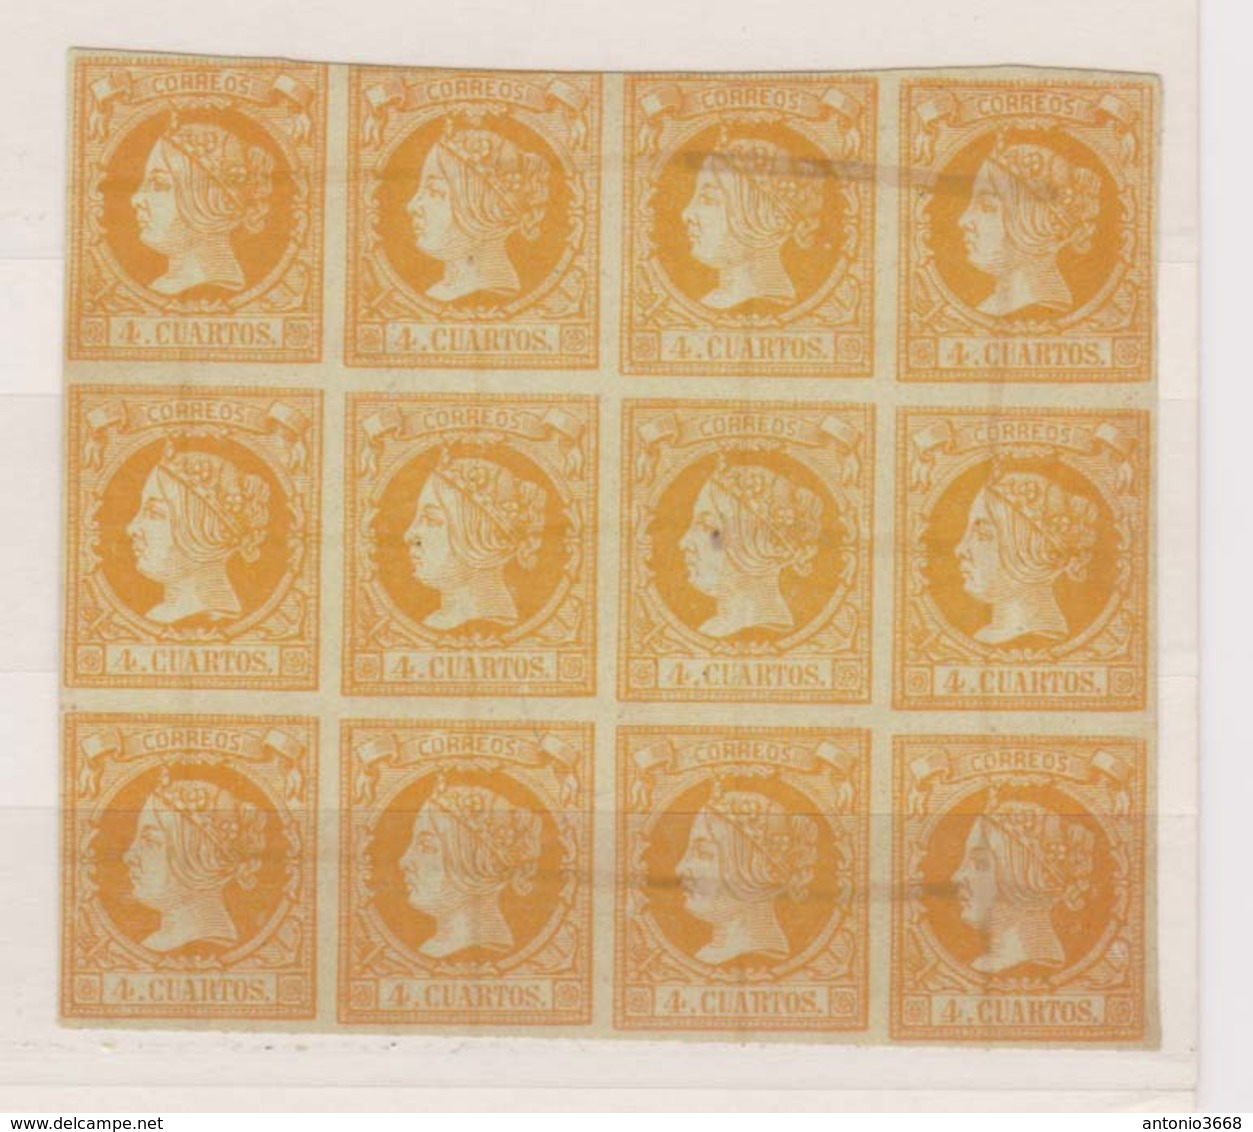 Año 1860 Edifil 52 Sello 4c Isabel II Bloque De 12 Sellos Tachado Con Tinta - 1850-68 Kingdom: Isabella II